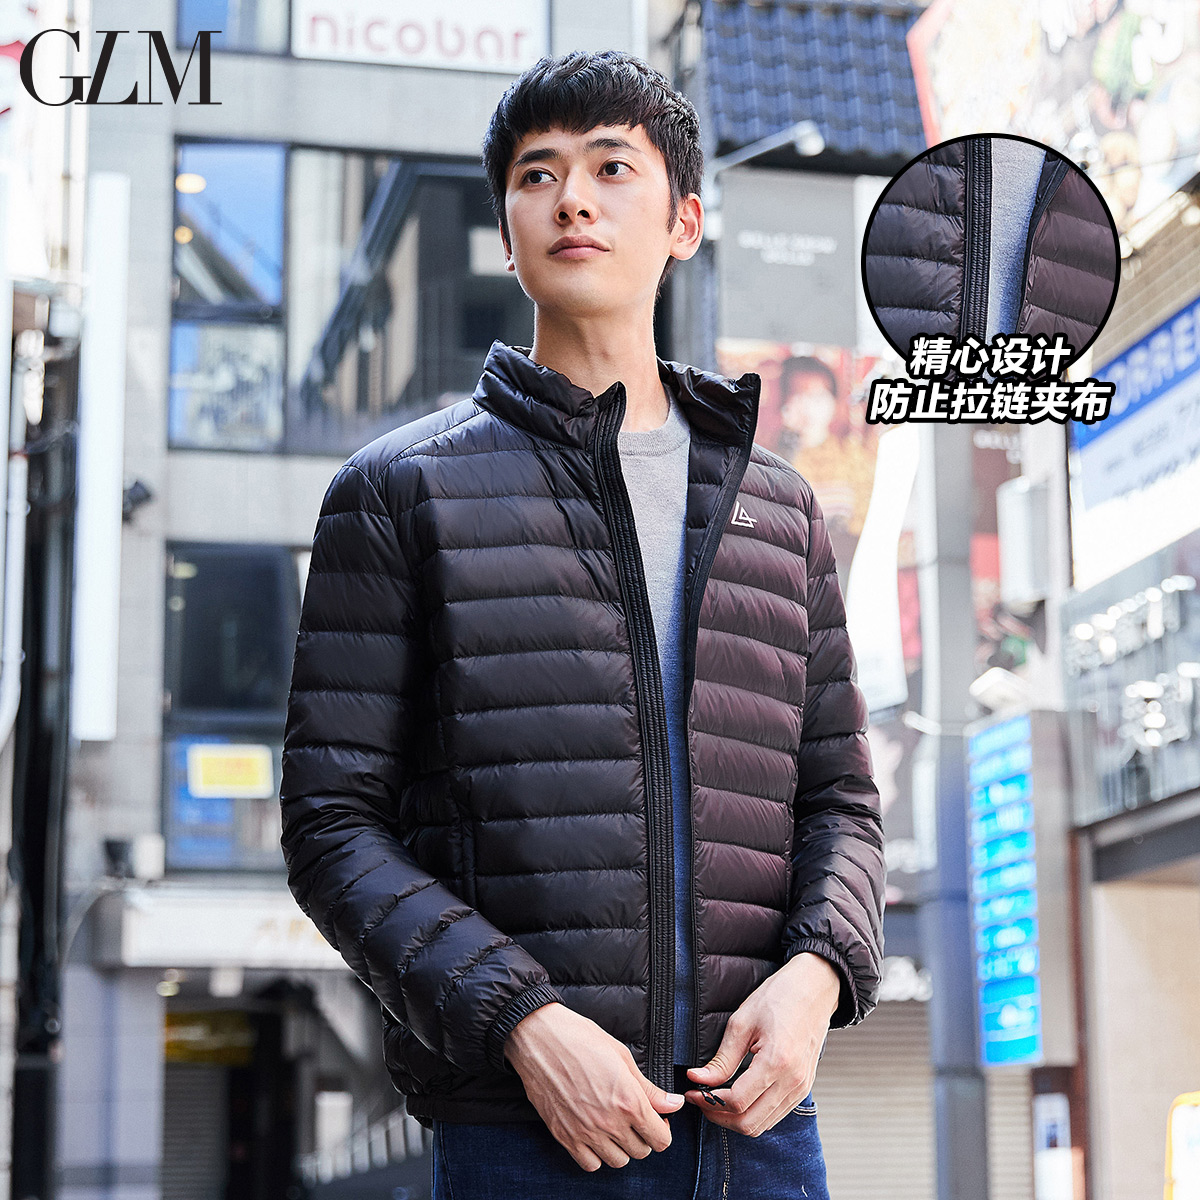 双十一预售,Genio Lamode 2018年秋季新款 防钻绒轻薄保暖羽绒服